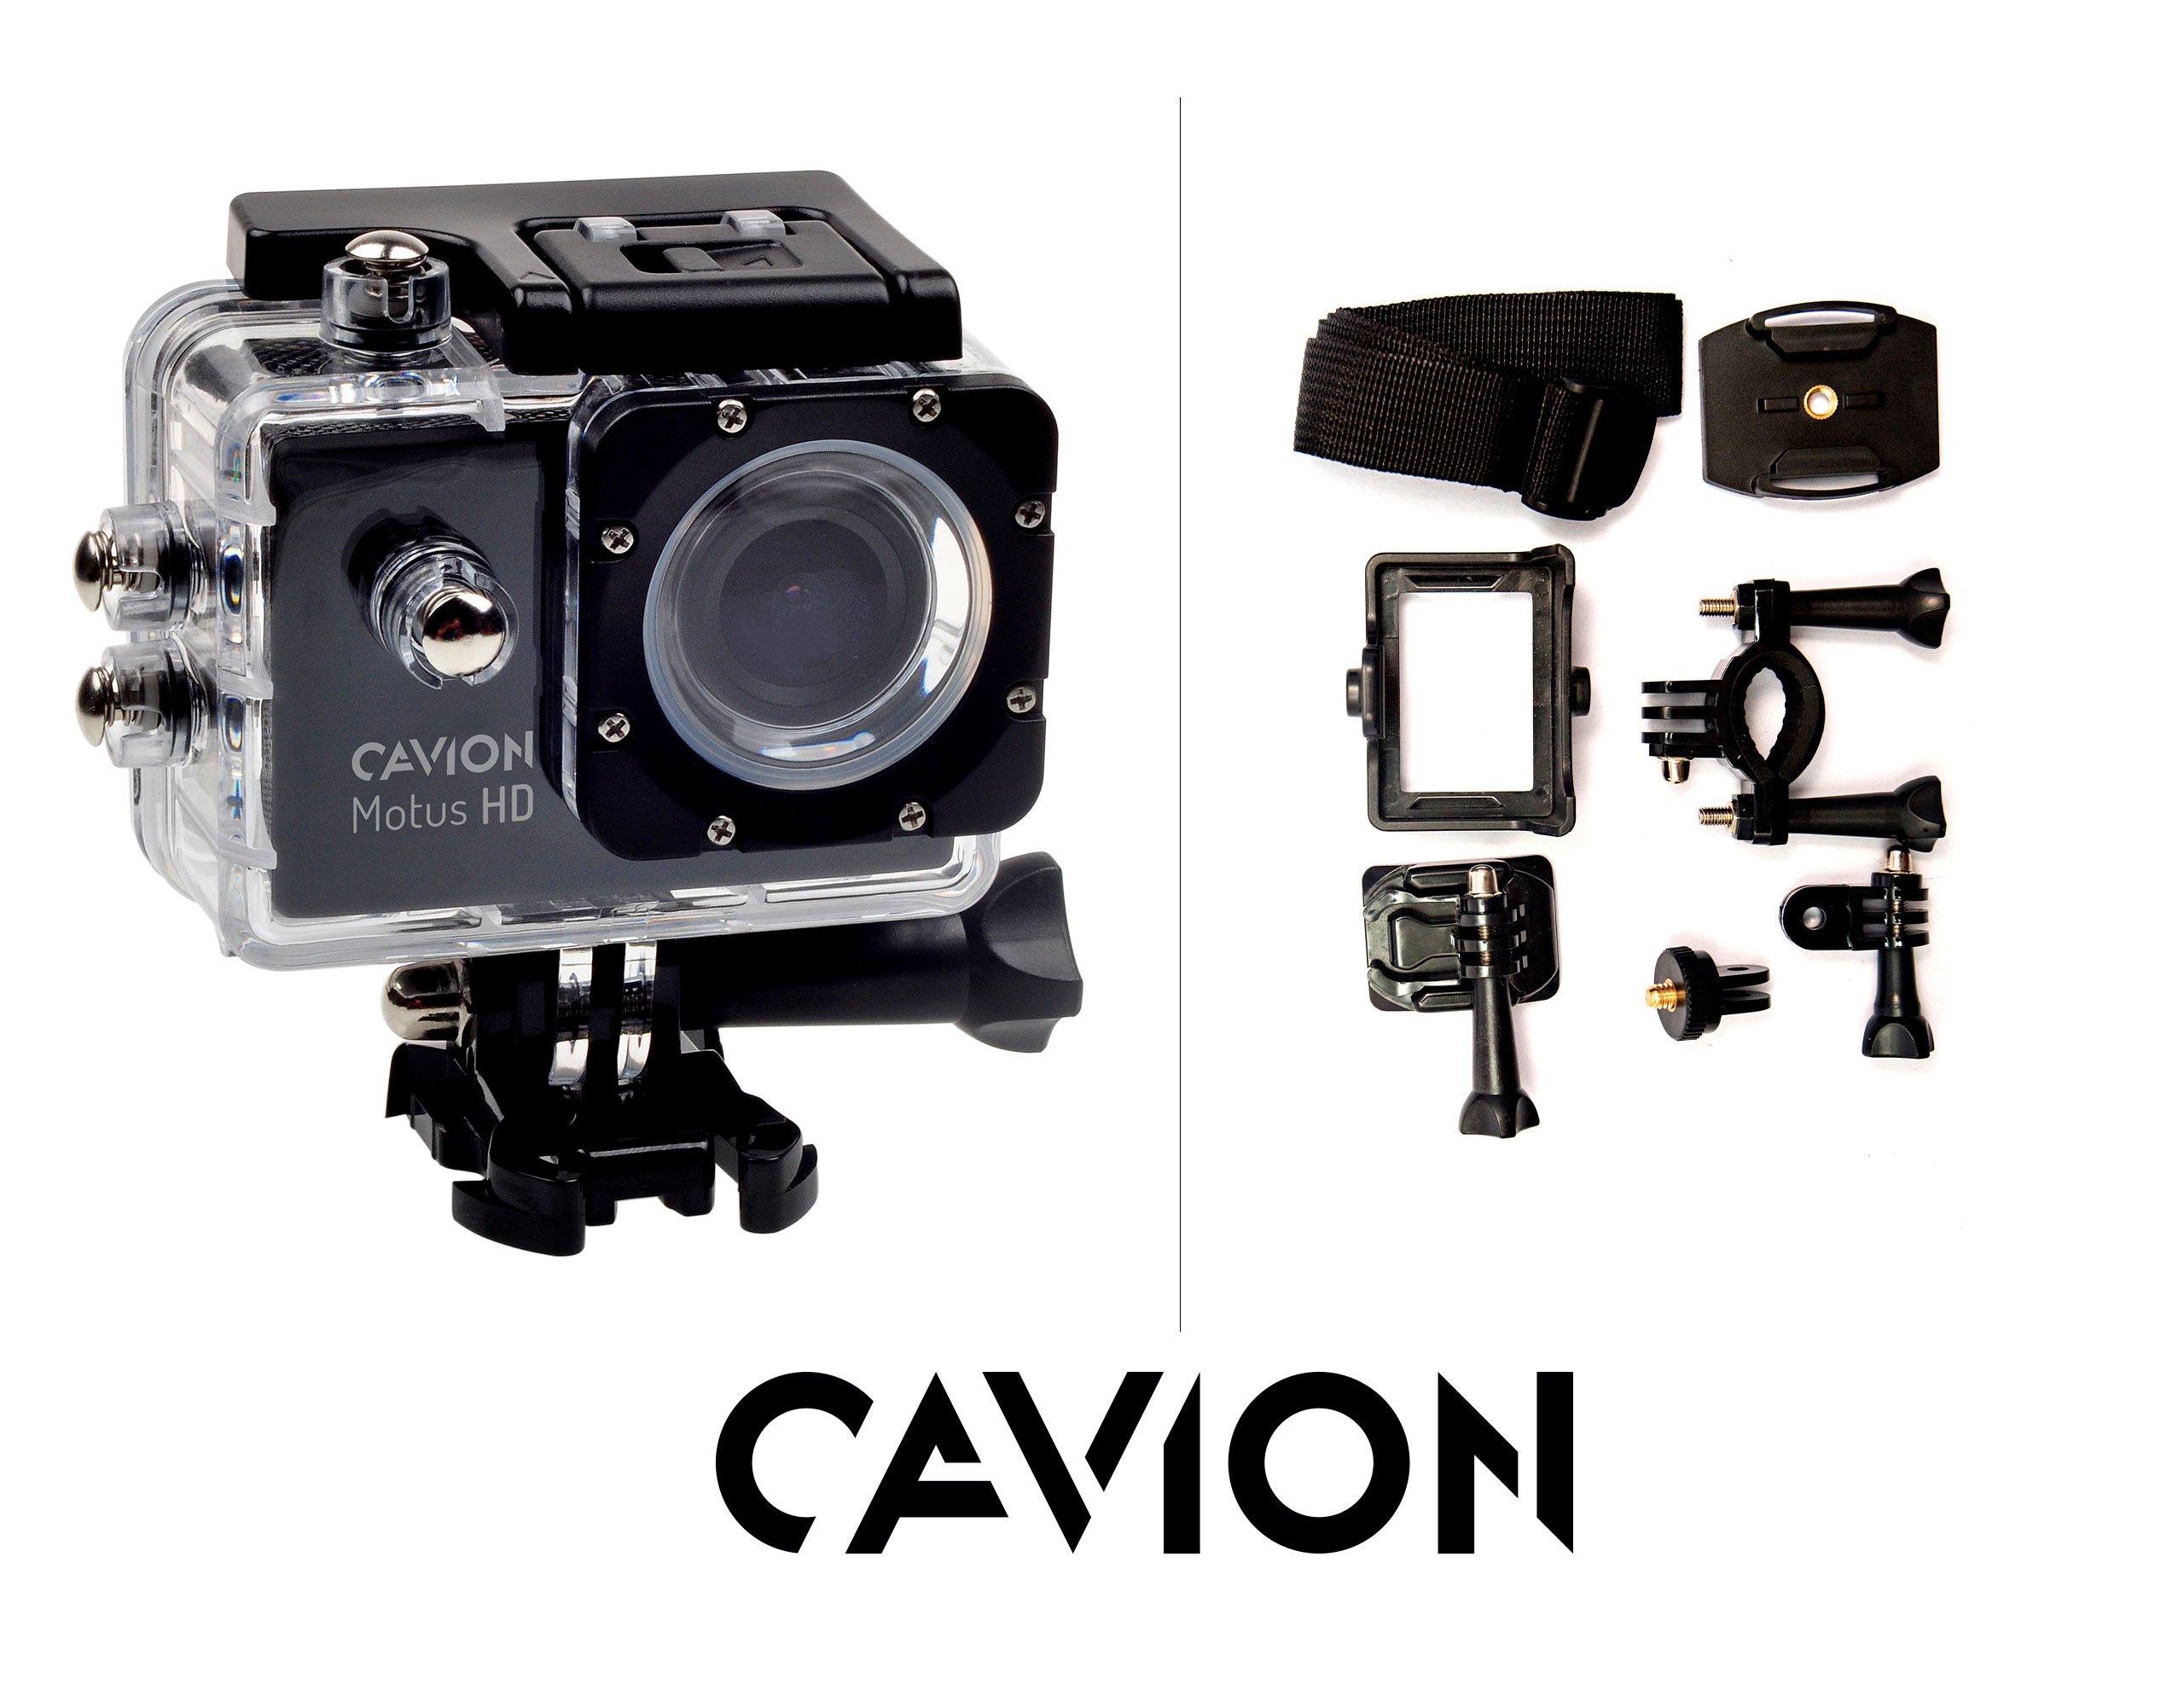 CAVION Motus HD - aż sama jestem ciekawa, co potrafi kamerka sportowa kosztująca w promocyjnej cenie 99 złotych 21